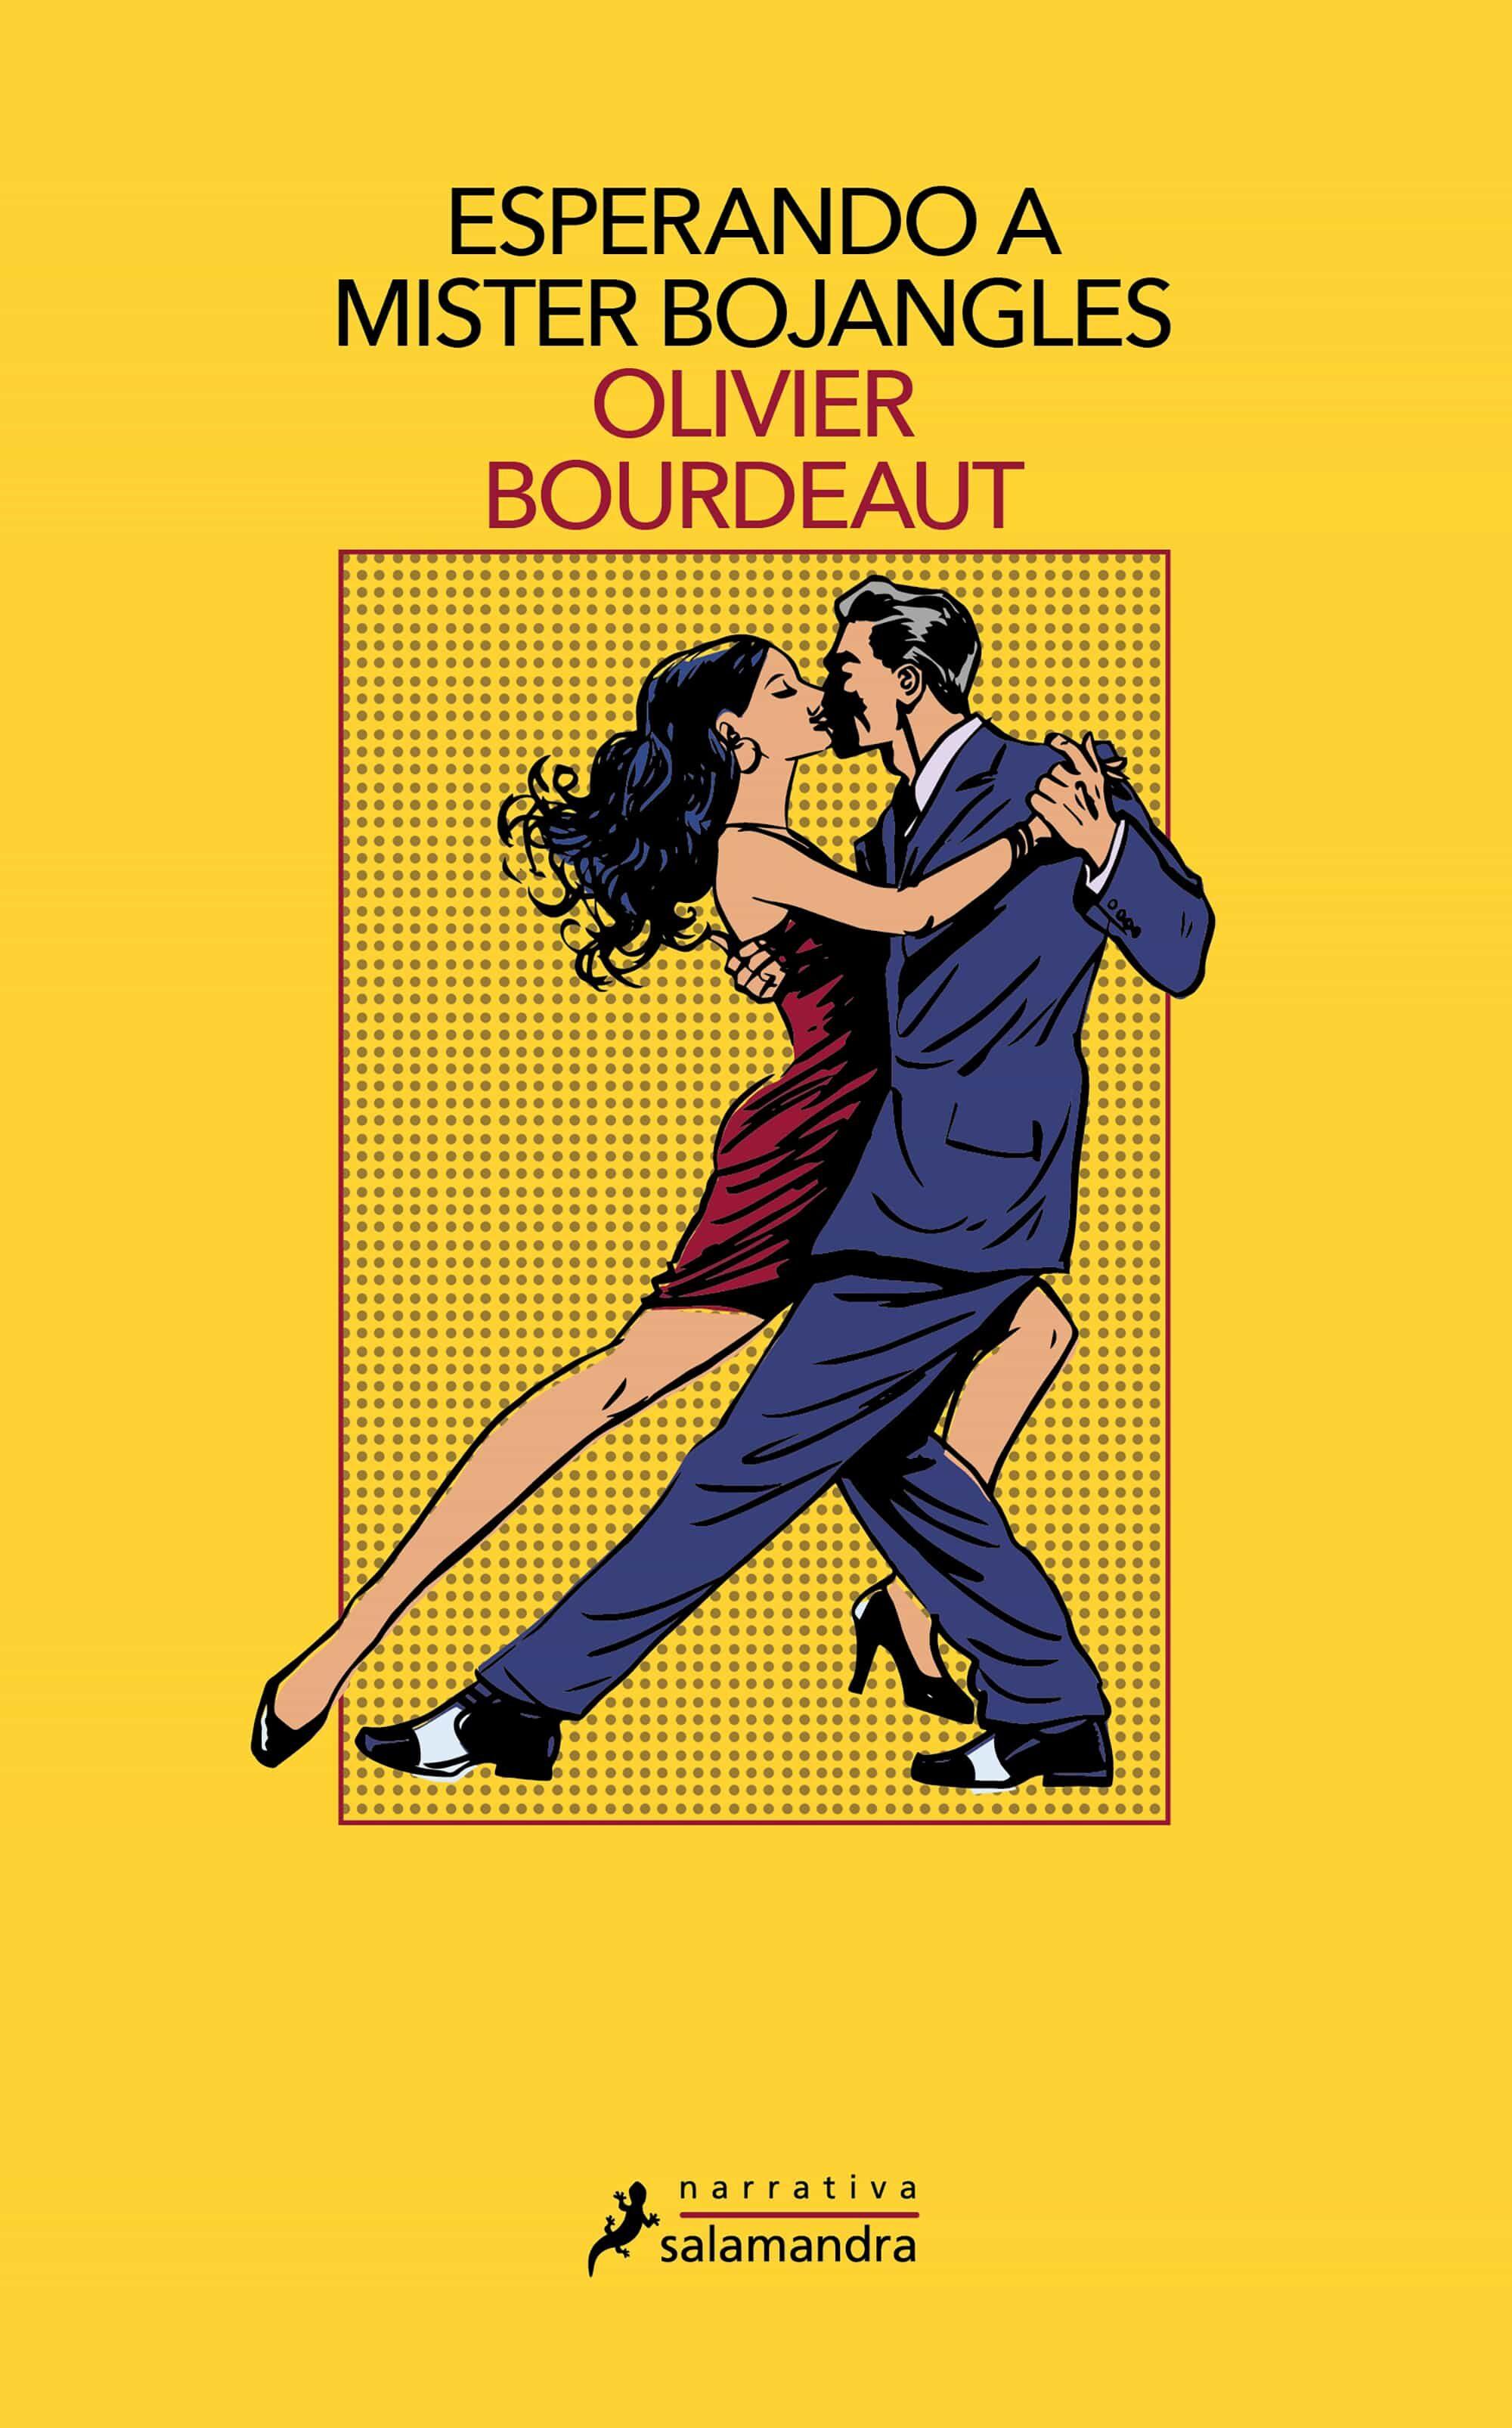 Esperando A Mister Bojangles por Olivier Bourdeaut